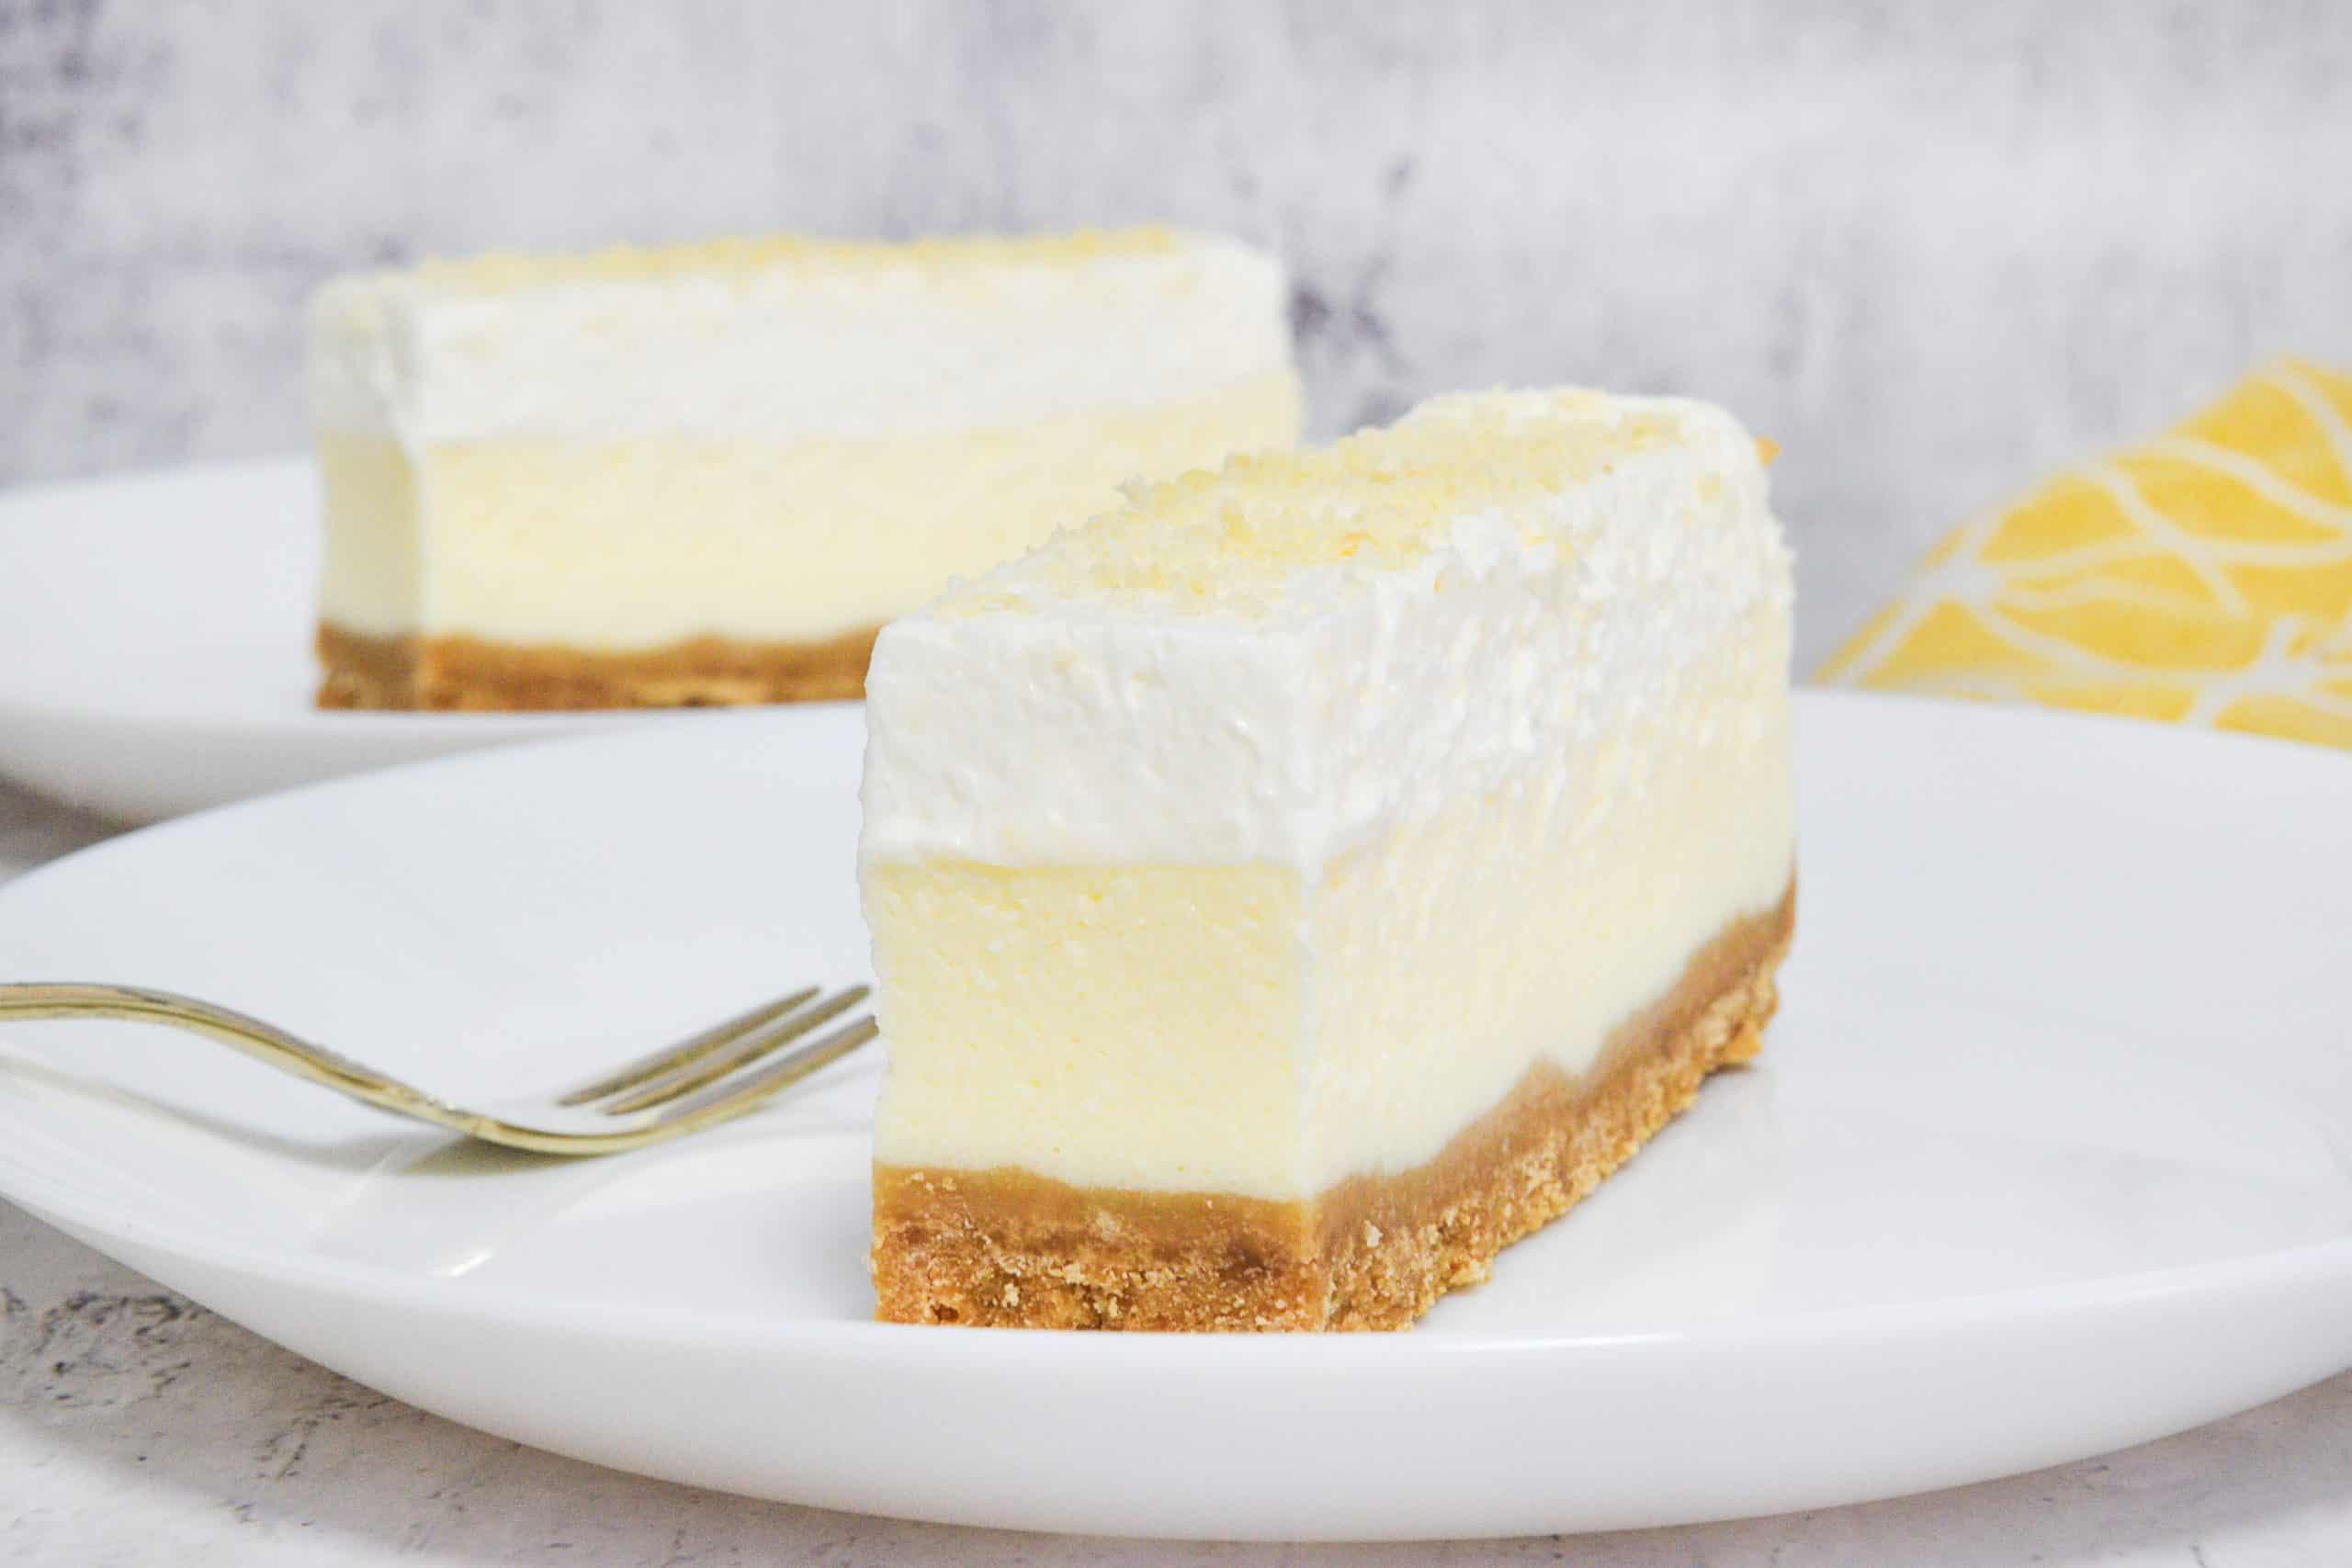 עוגת גבינה 3 שכבות   צילום: ספיר דהן